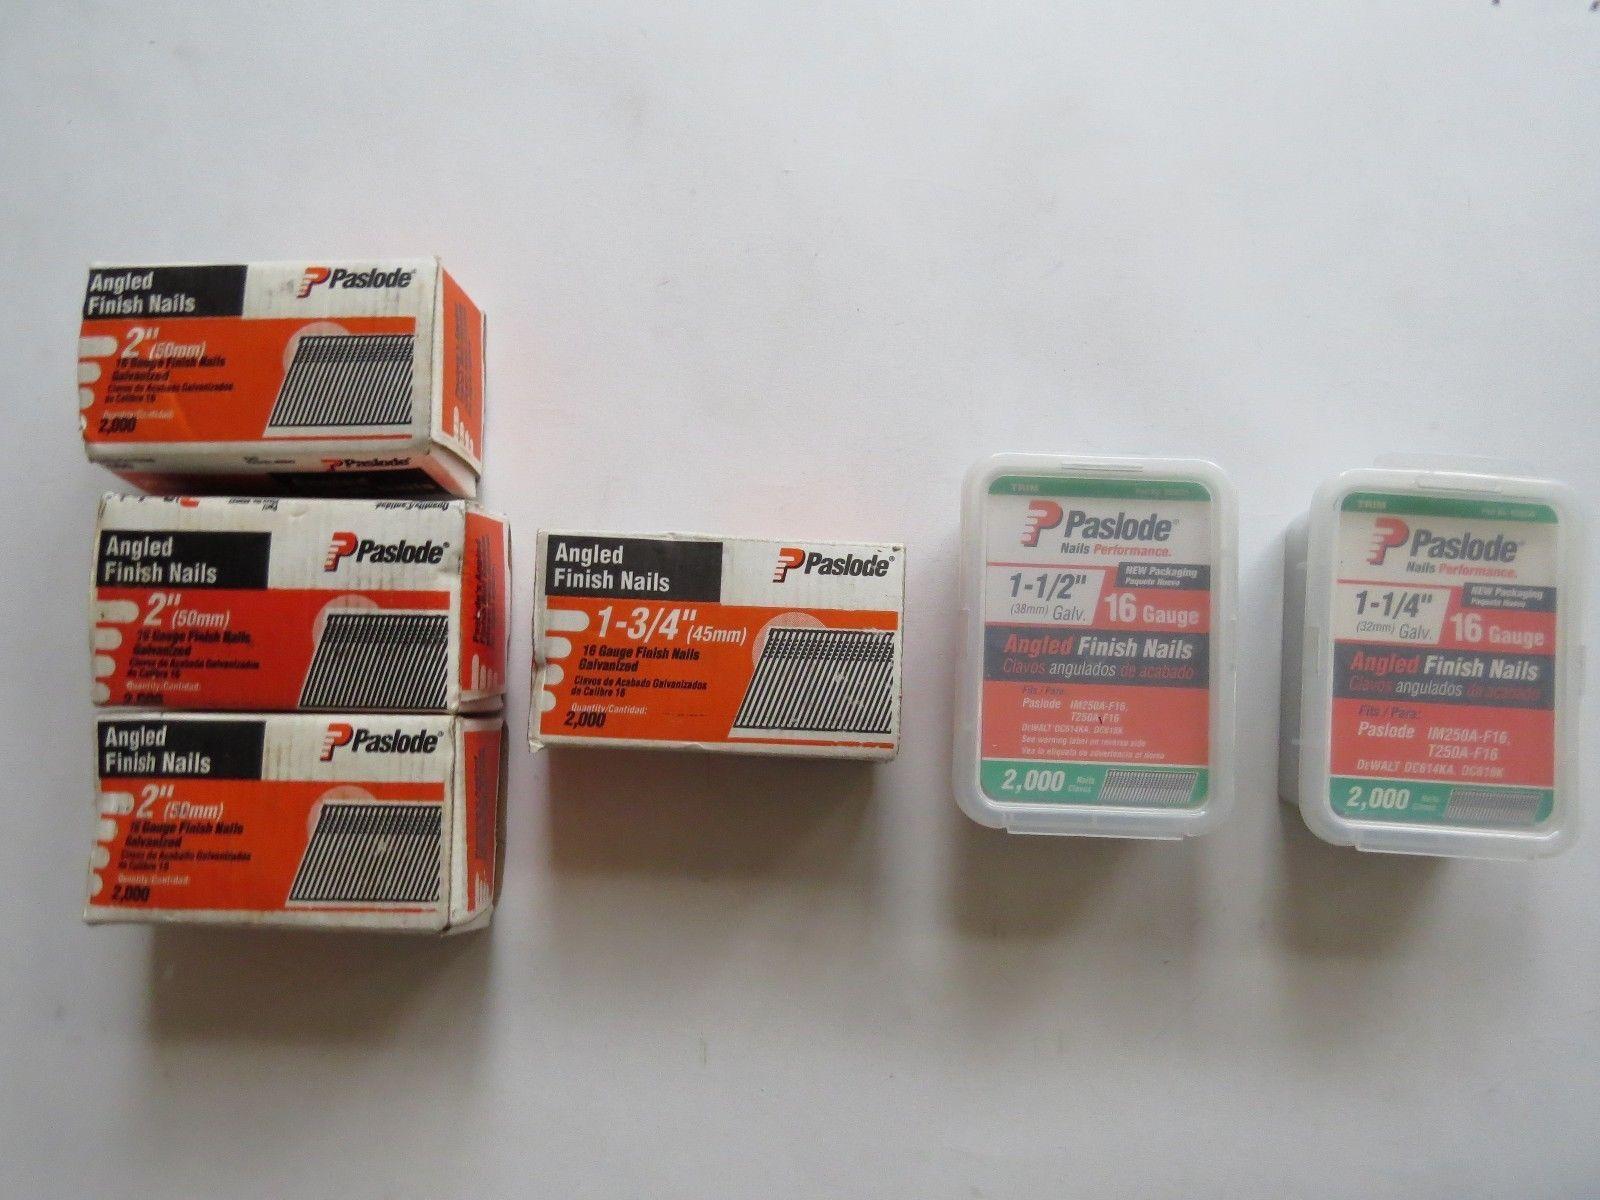 Paslode Angled Finish Nails 2 1 3 4 1 1 2 1 1 4 Bulk Lot 16 Gauge Galvanized Ebay Link It Is Finished Bulk Lots Galvanized